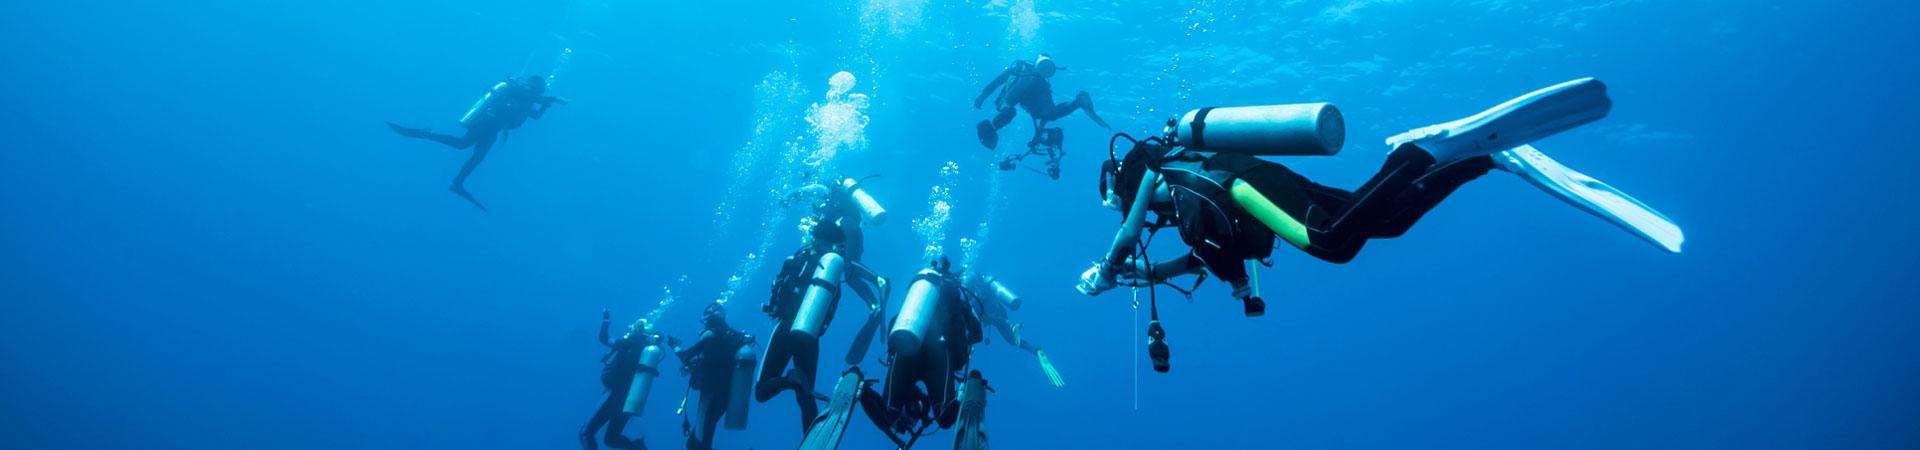 Taucher und Fische Malediven